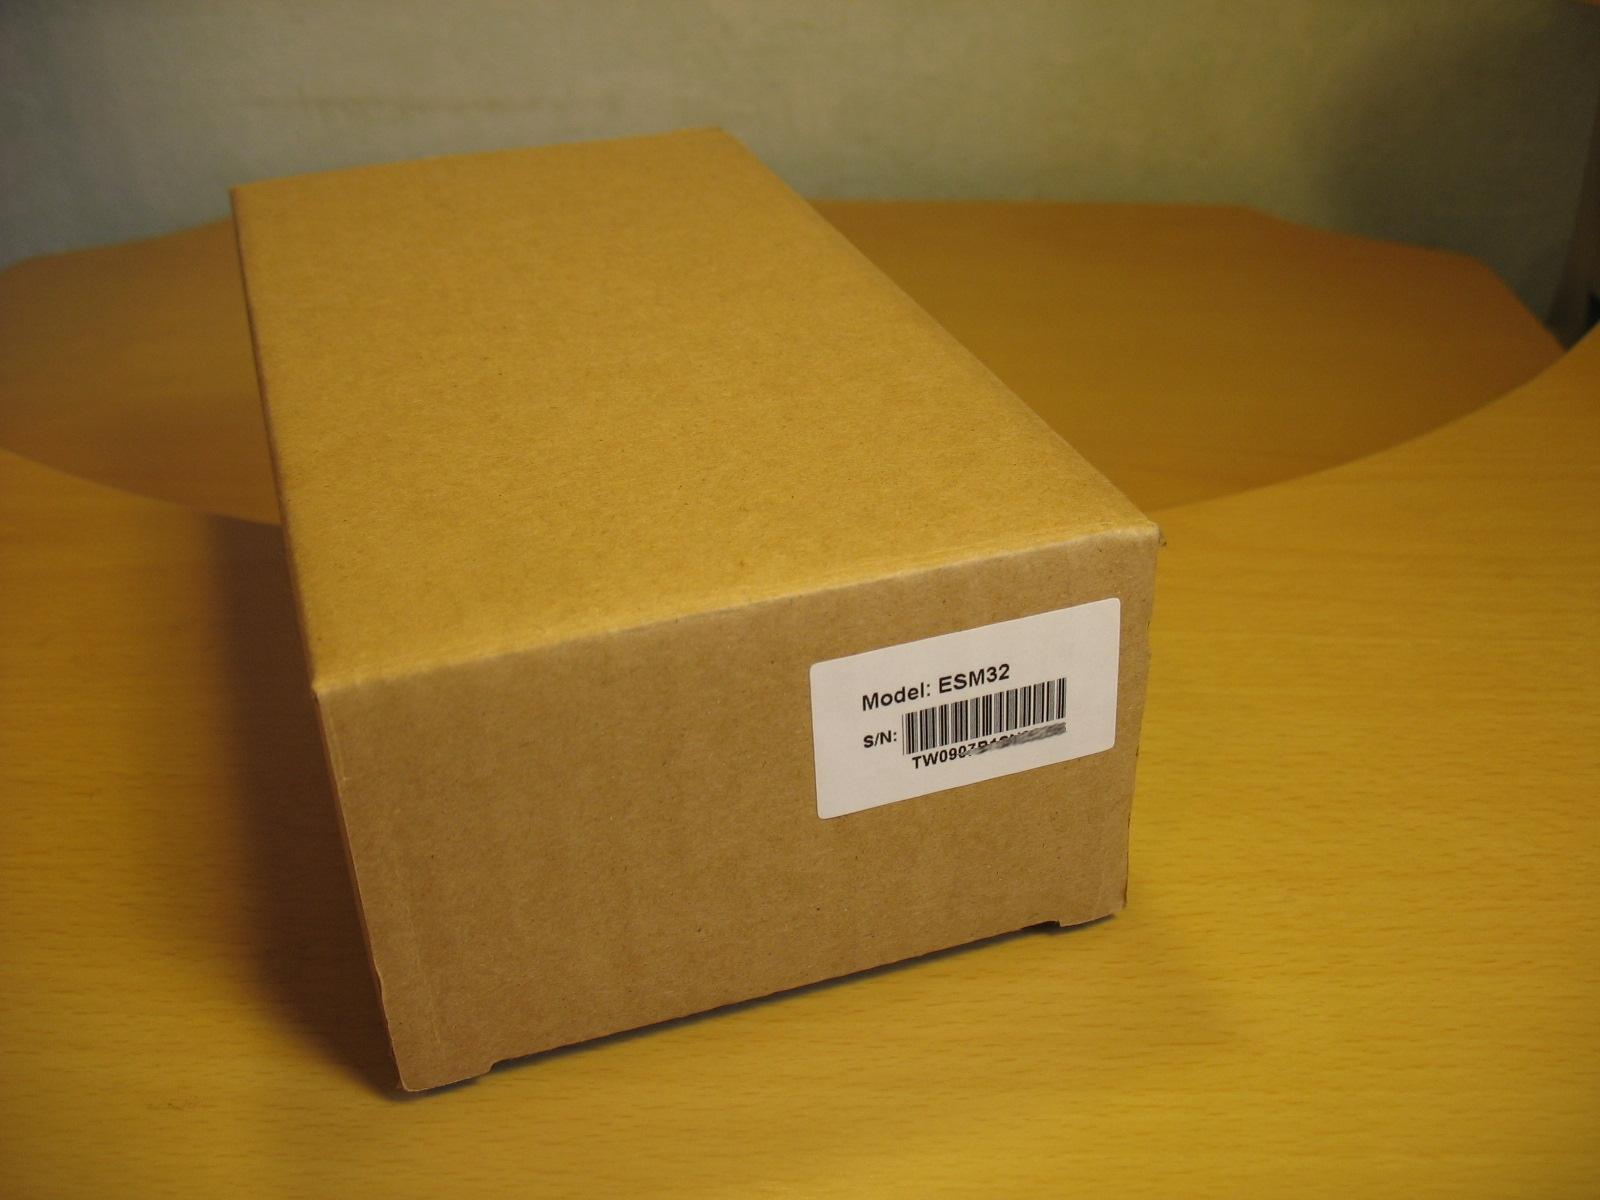 Упаковка консоли расширения